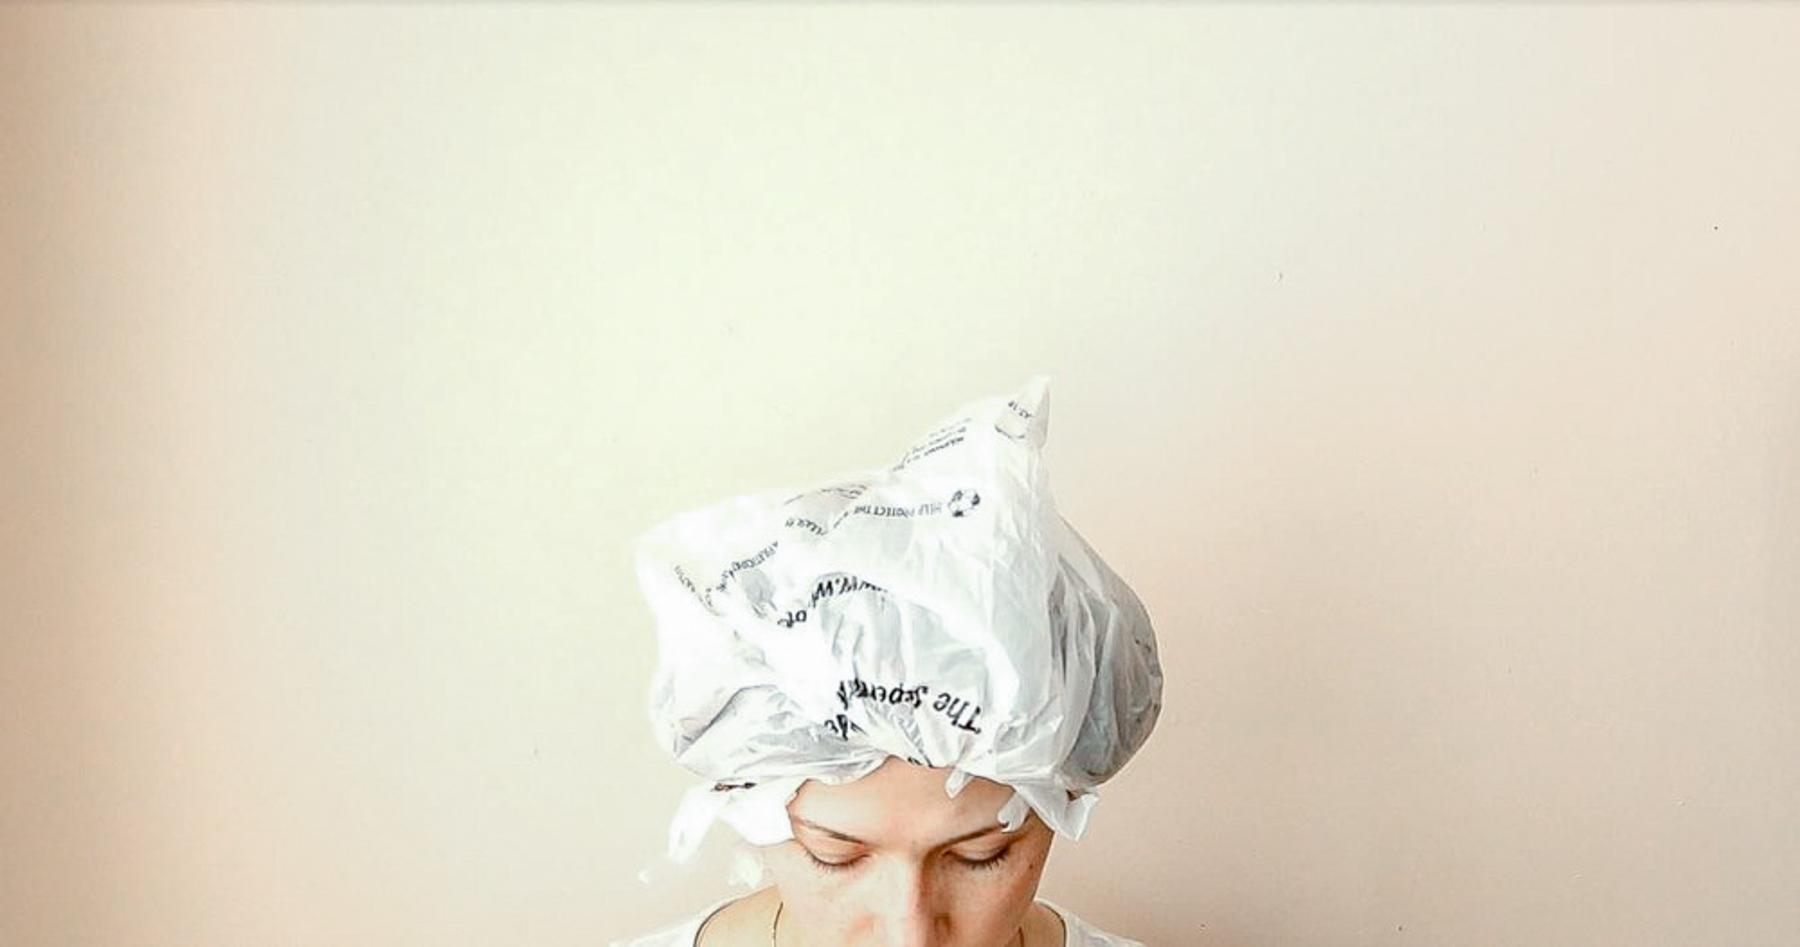 Olaplex mask with bag on head